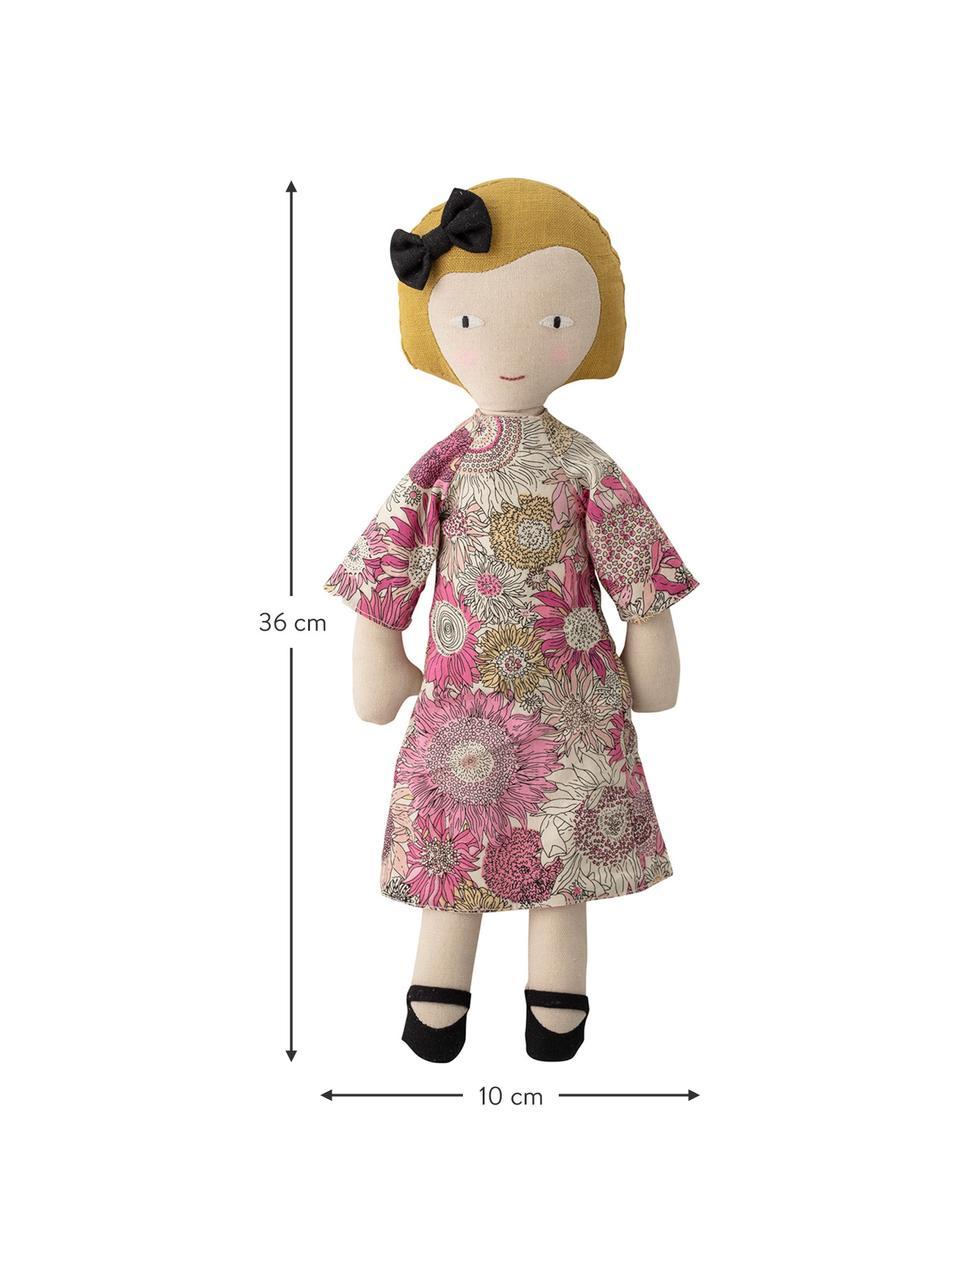 Set 2 bambole di pezza Girls, Rivestimento: 65 % poliestere, 35 % cot, Multicolore, Larg. 10 x Alt. 36 cm